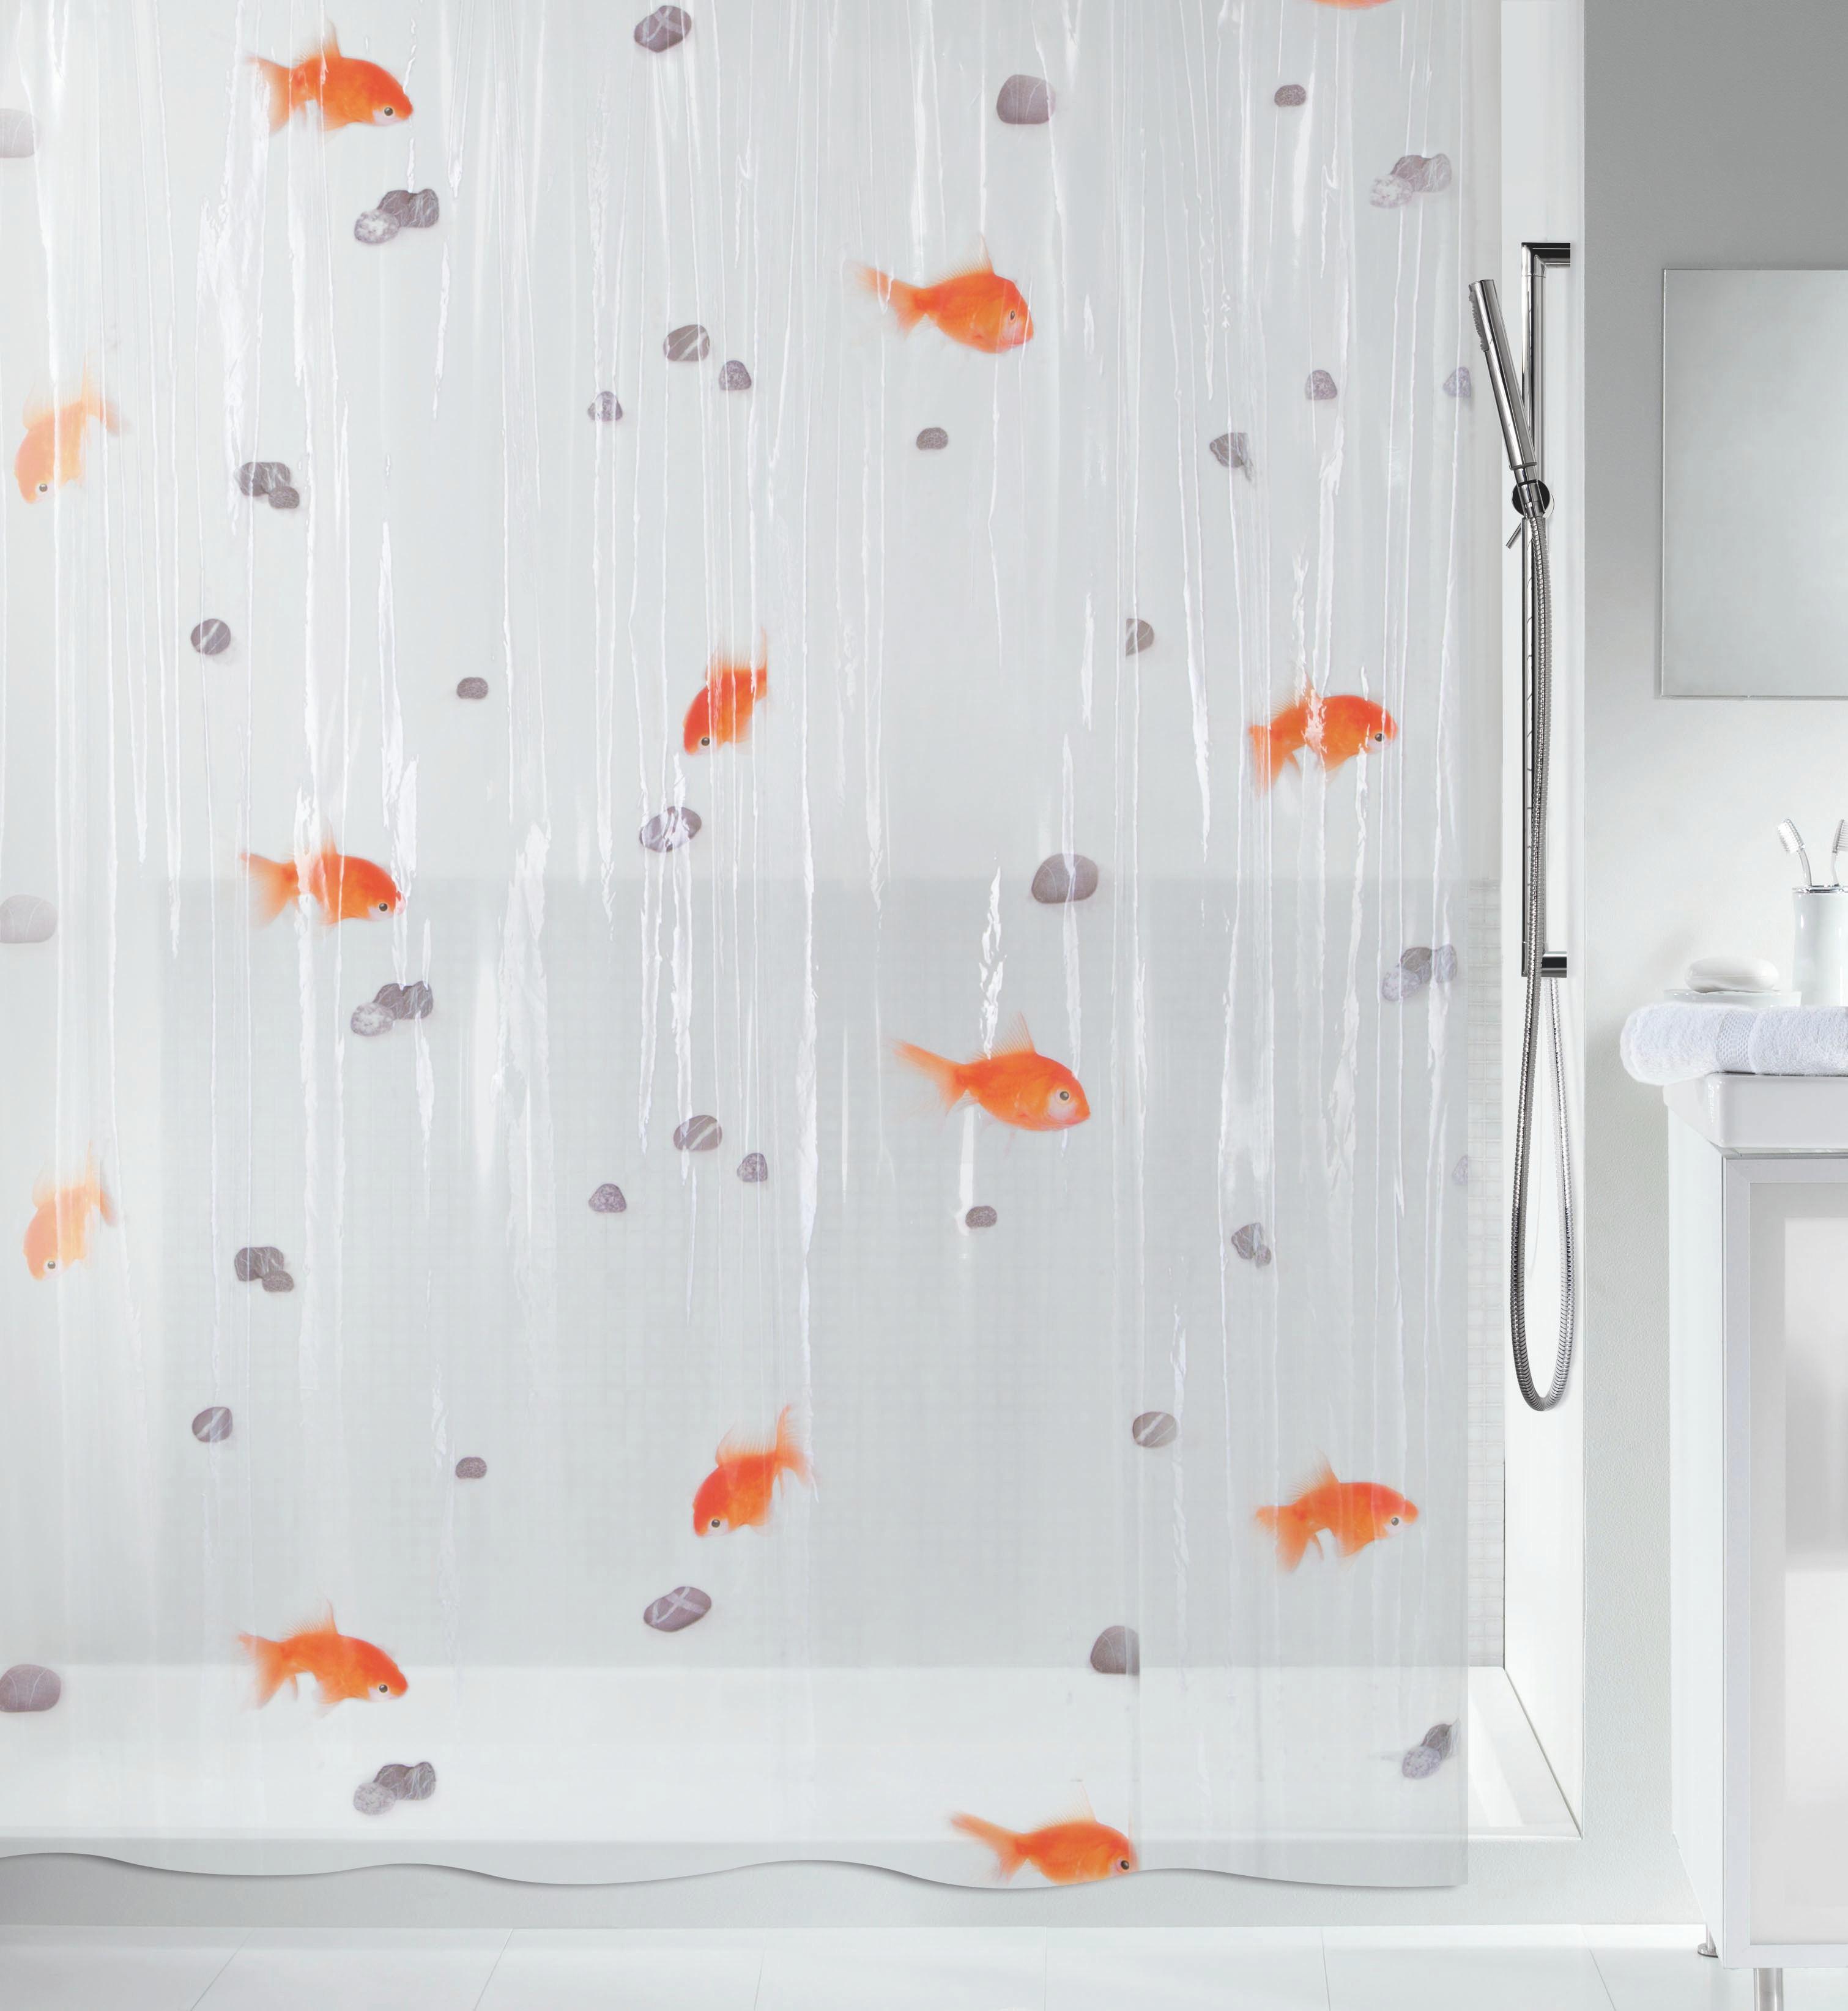 DUSCHVORHANG  Orange, Transparent 180/200 cm - Transparent/Orange, Basics, Kunststoff (180/200cm)